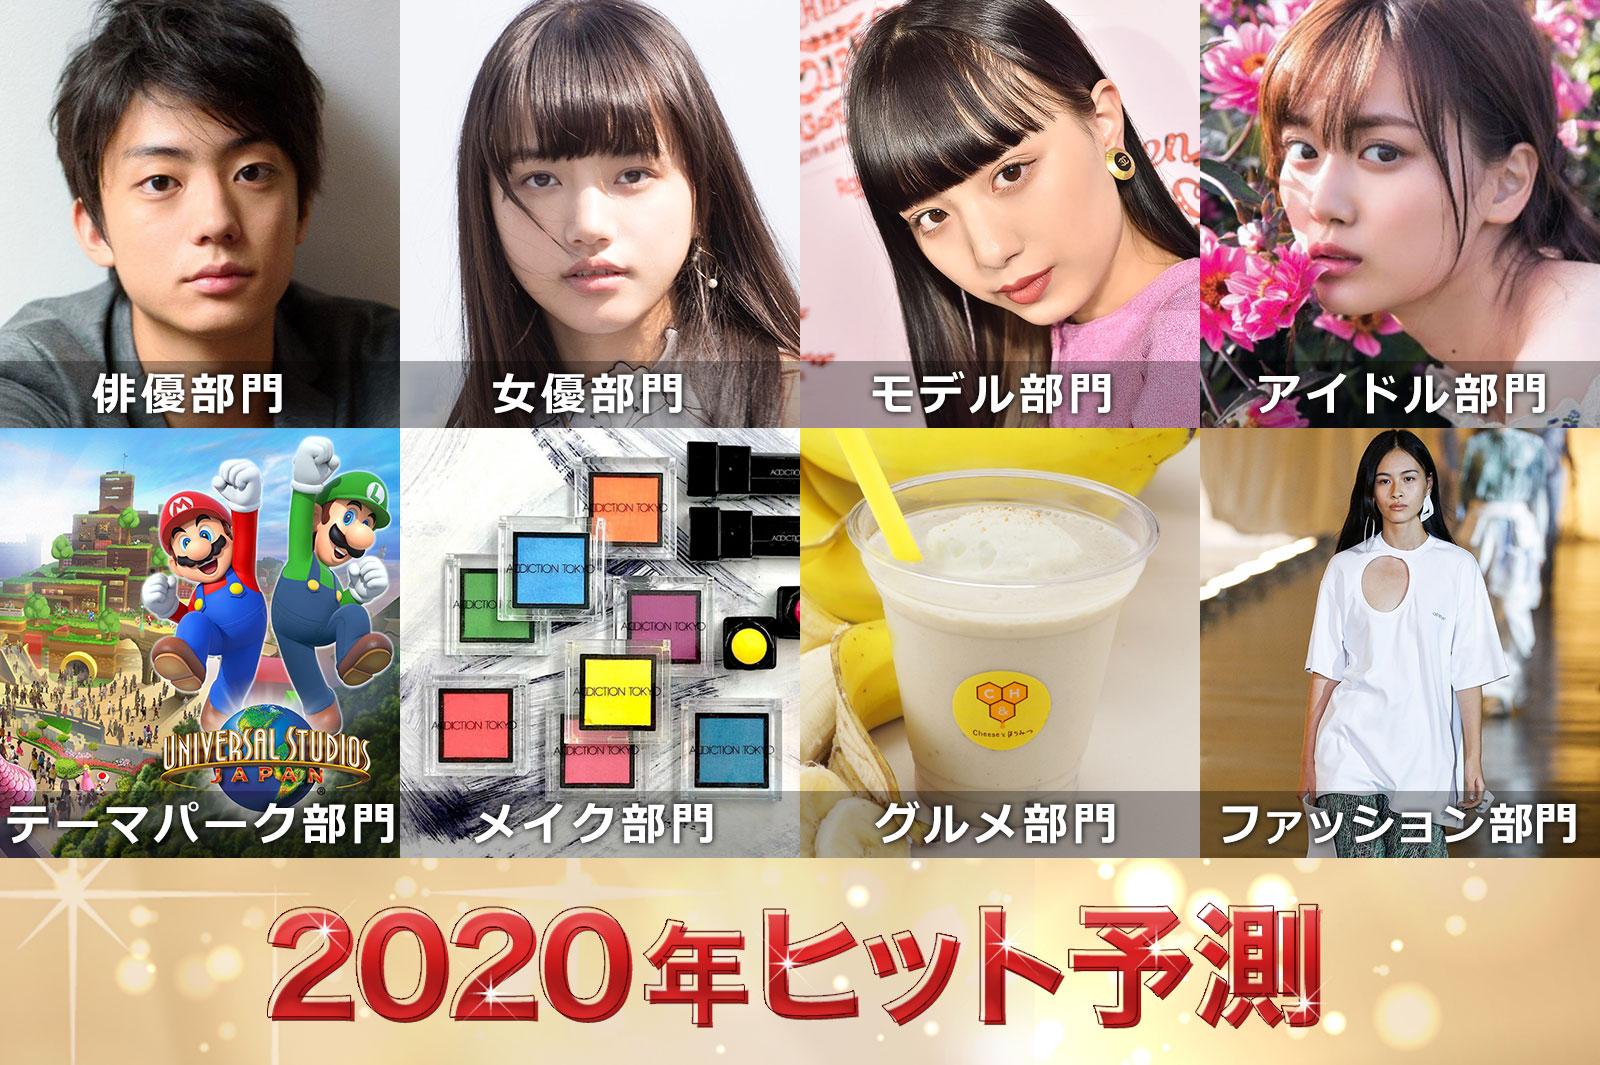 2020年ヒット予測